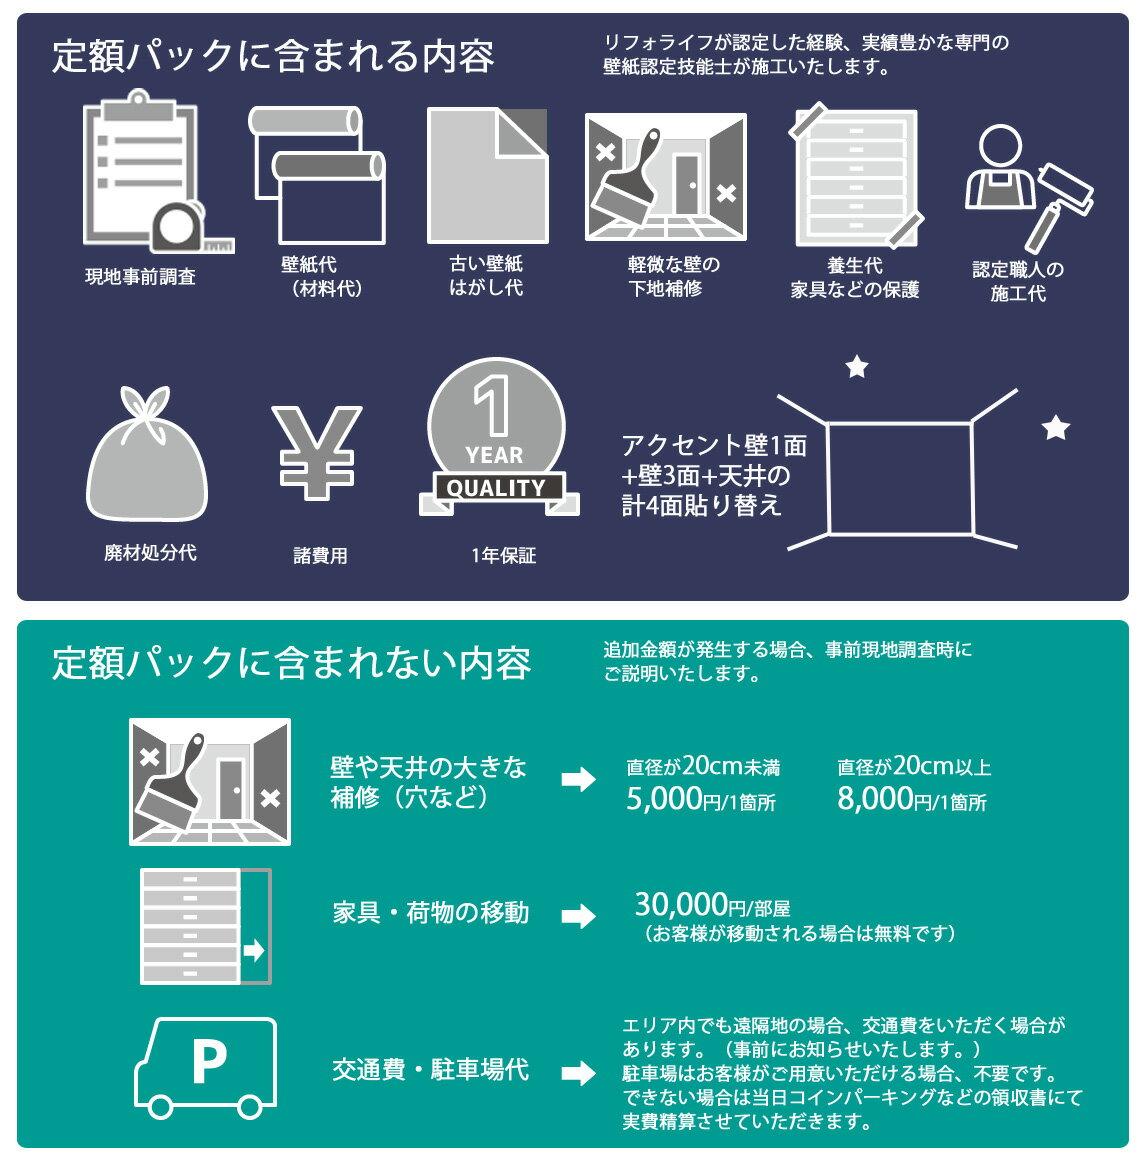 【楽天リフォーム認定商品】壁紙定額リノベーショ...の紹介画像3